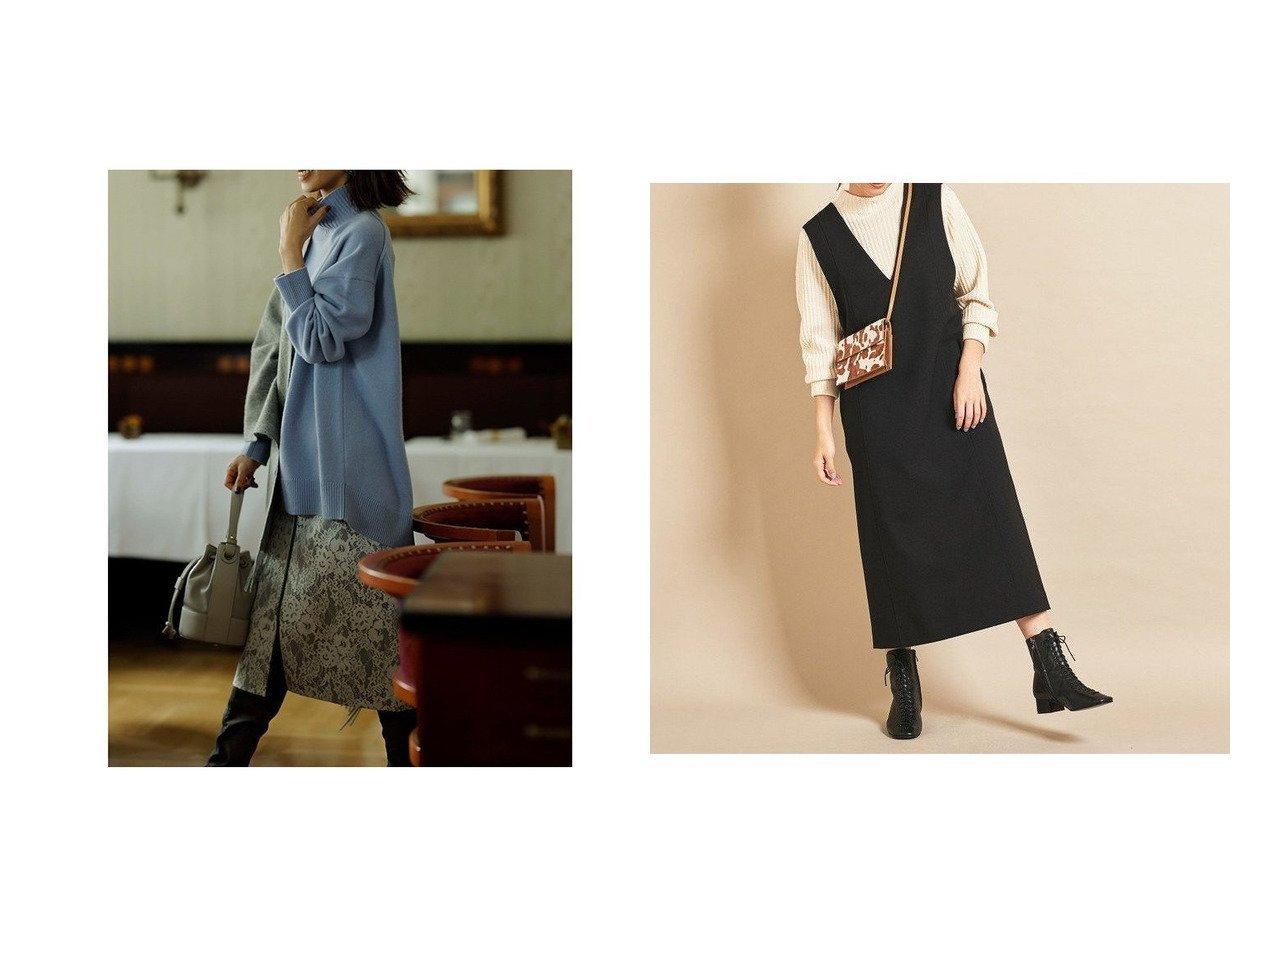 【BEAUTY&YOUTH UNITED ARROWS/ビューティアンド ユースユナイテッドアローズ】のBY∴ Vネックジャンパースカート&【JUSGLITTY/ジャスグリッティー】のレースボンディングタイトスカート スカートのおすすめ!人気、レディースファッションの通販  おすすめで人気のファッション通販商品 インテリア・家具・キッズファッション・メンズファッション・レディースファッション・服の通販 founy(ファニー) https://founy.com/ ファッション Fashion レディース WOMEN スカート Skirt タイトスカート パイピング パーティ フロント ボンディング レース インナー シンプル スニーカー スマート トレンド 定番 バランス ポケット  ID:crp329100000004033